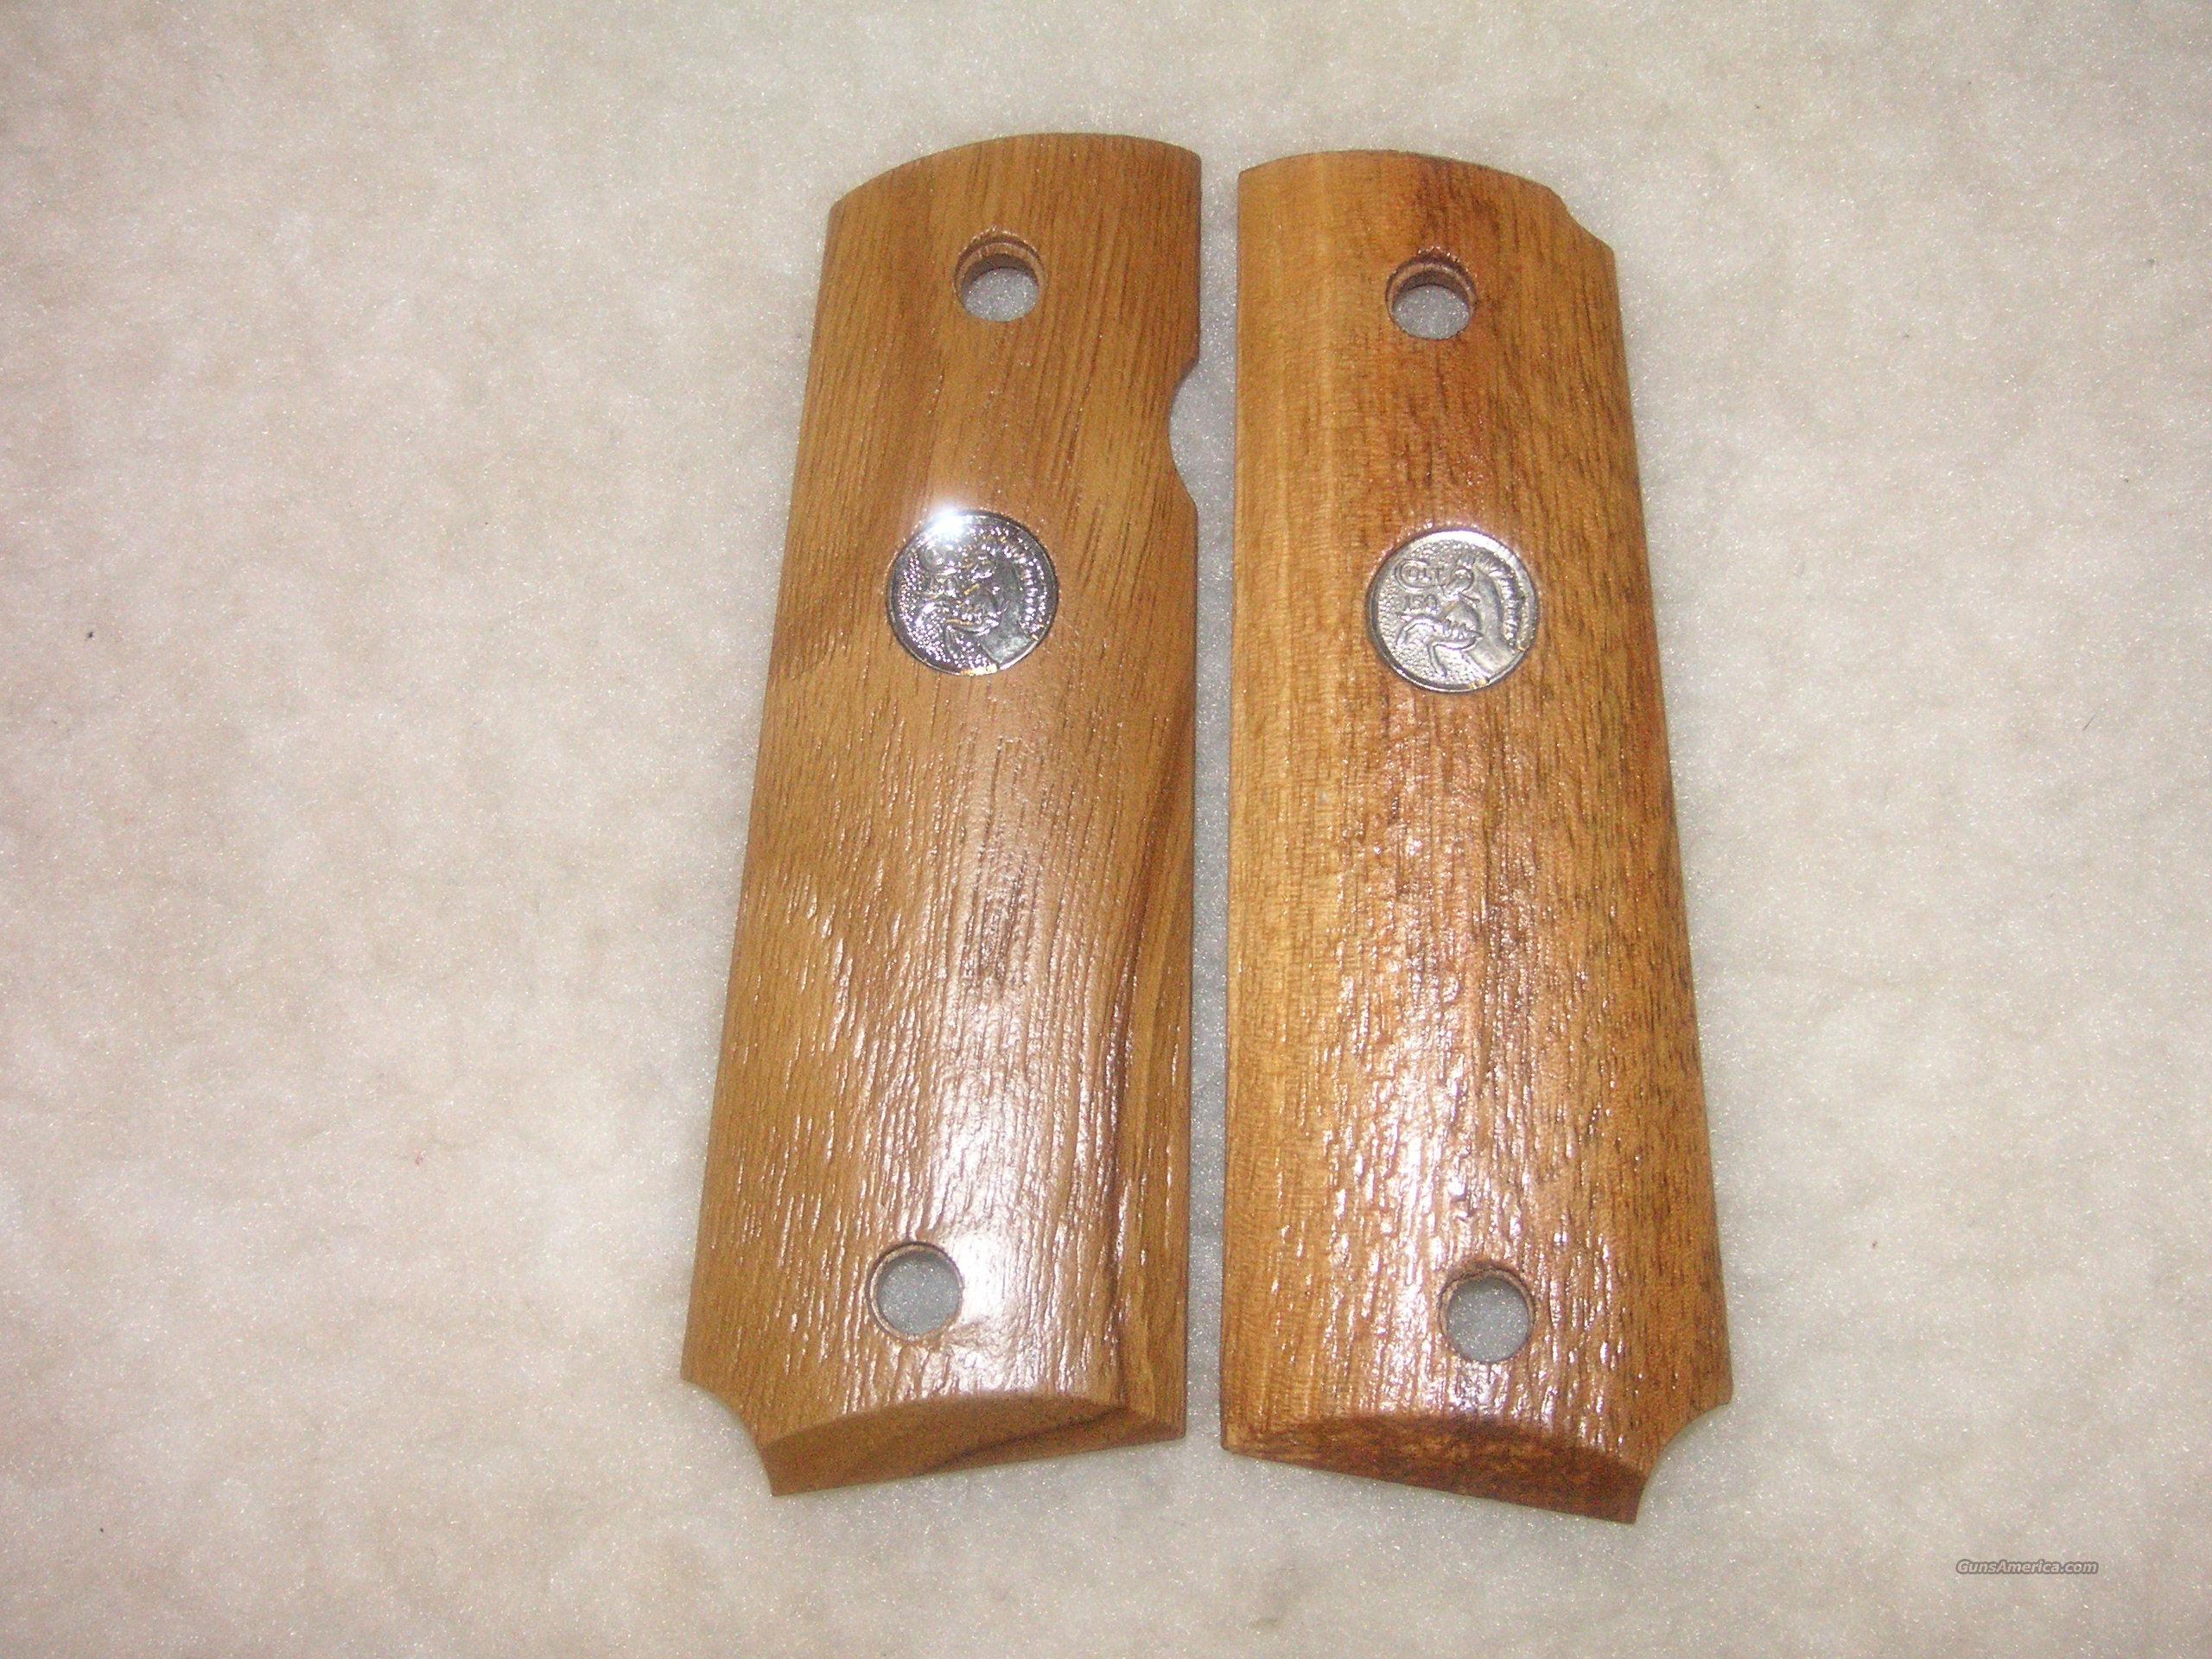 Bead Blasting Wood